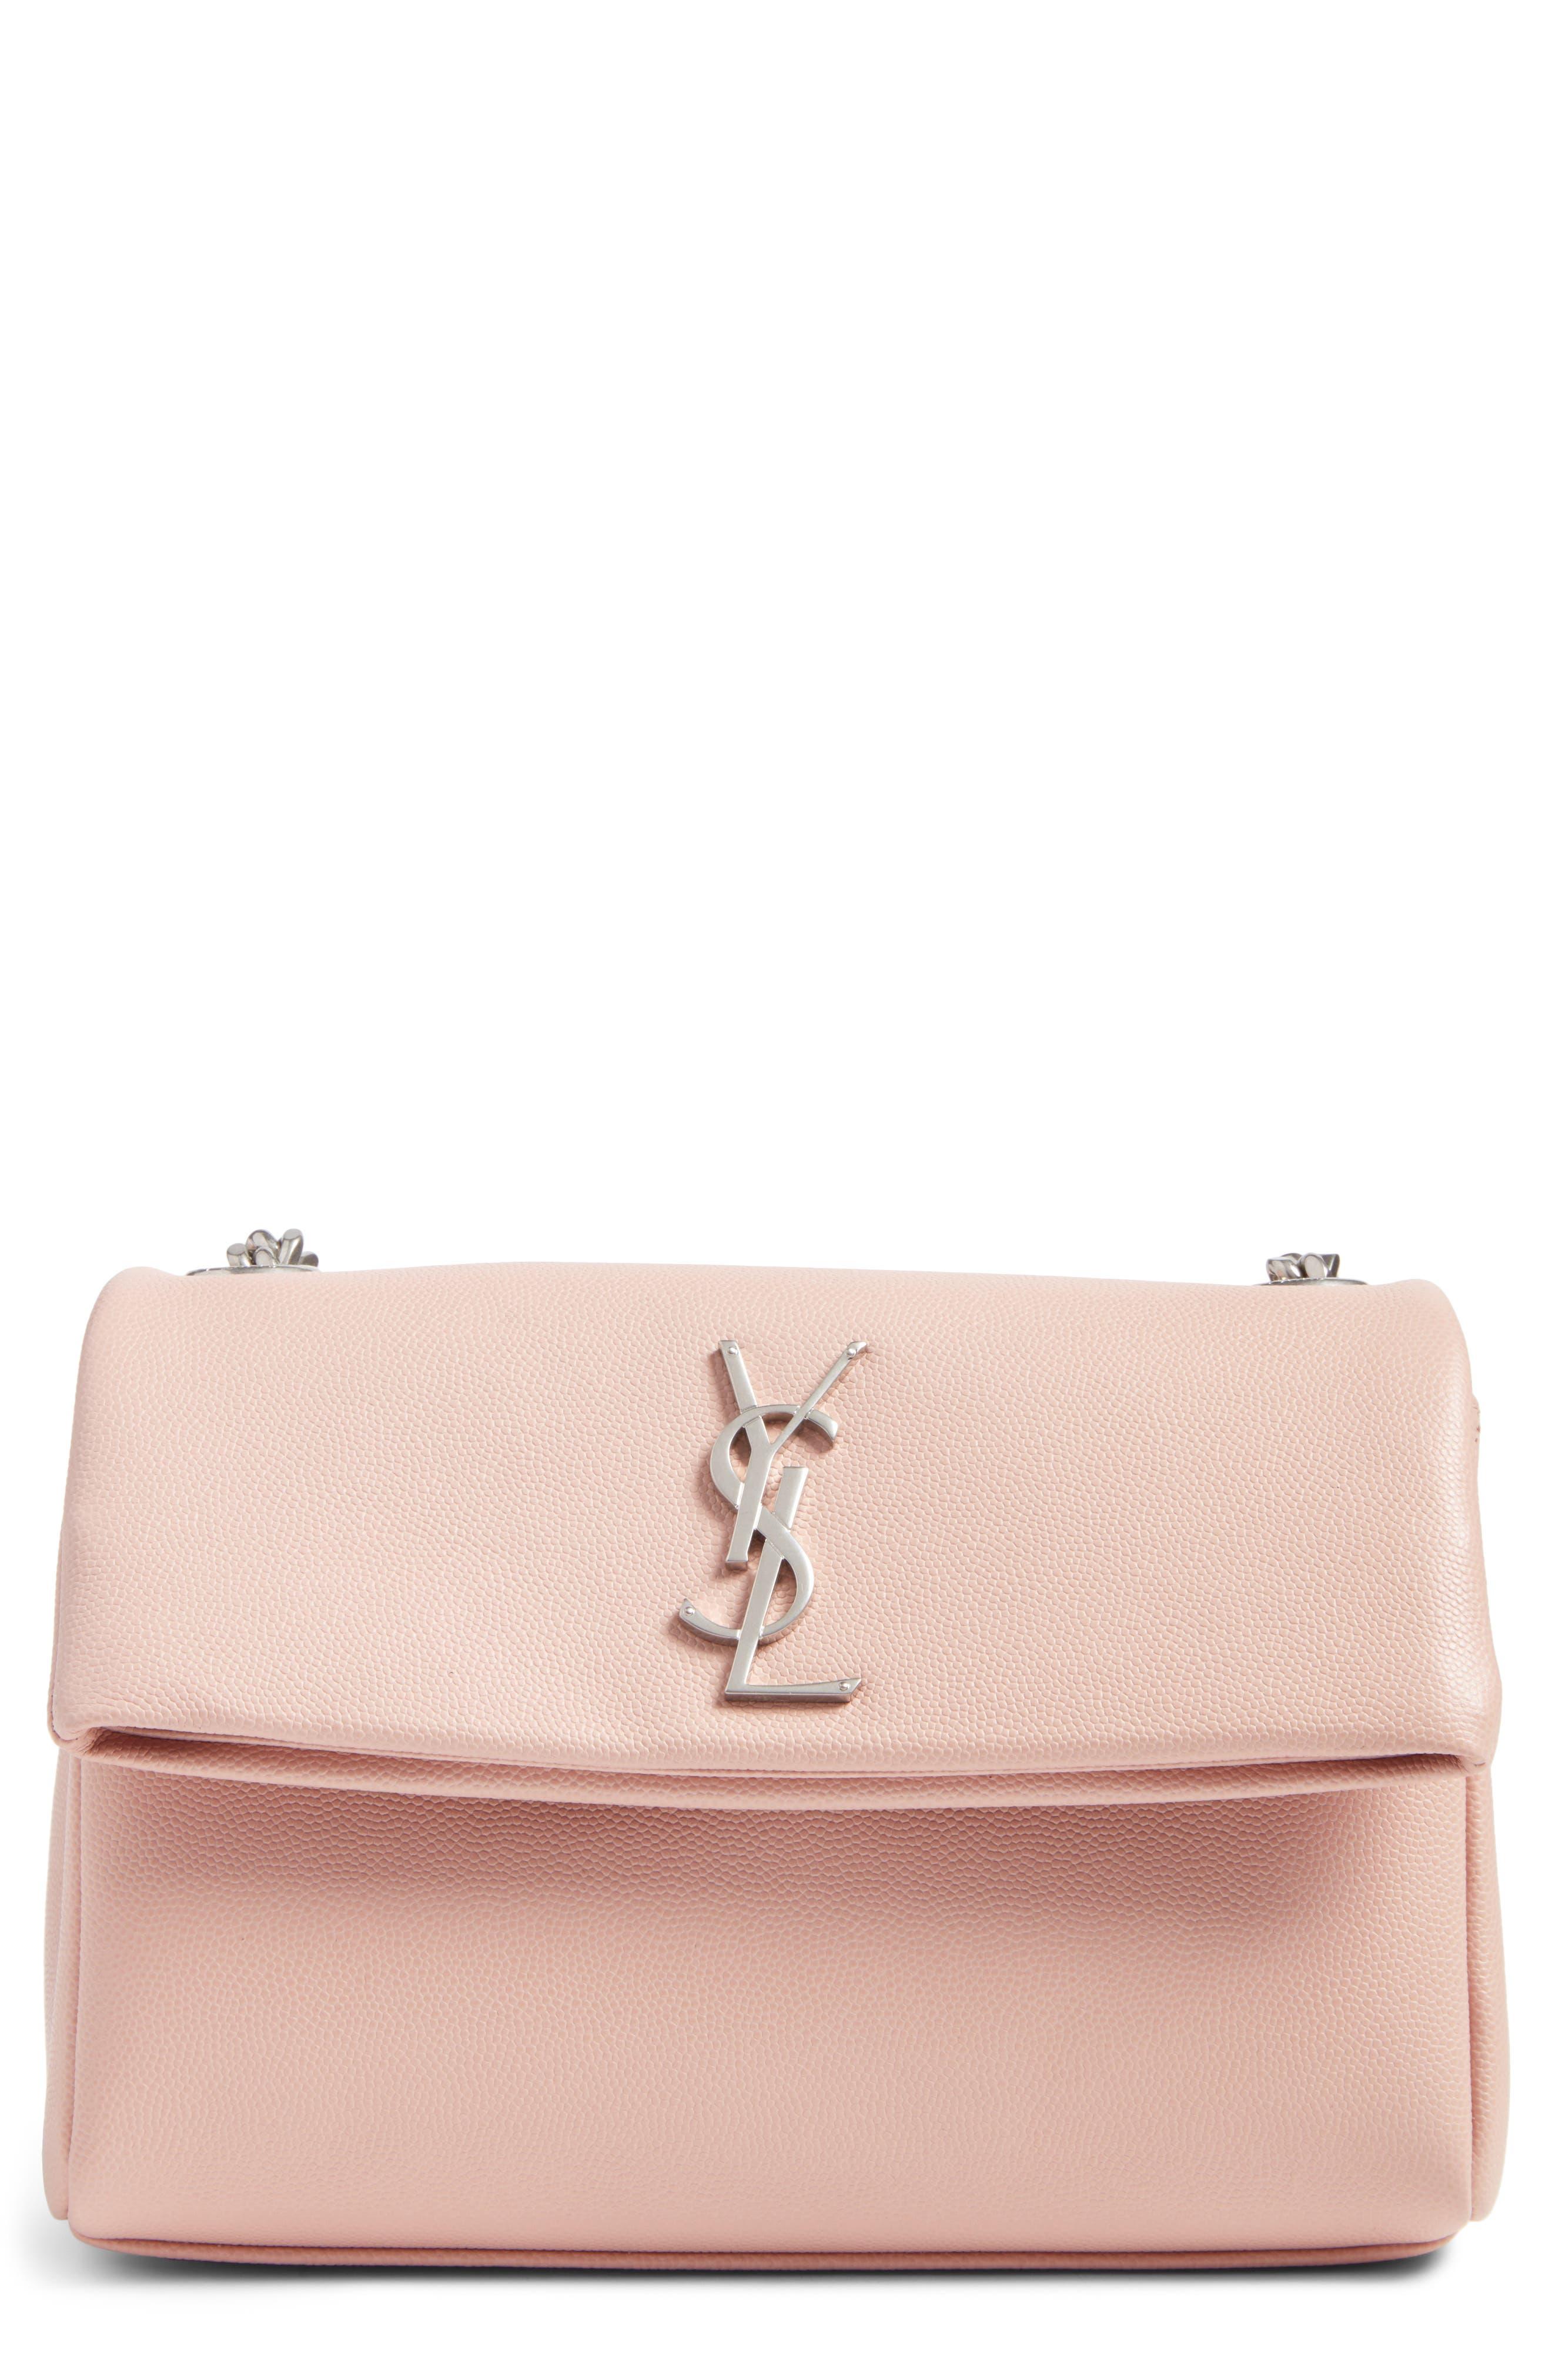 Main Image - Saint Laurent West Hollywood Calfskin Leather Messenger Bag